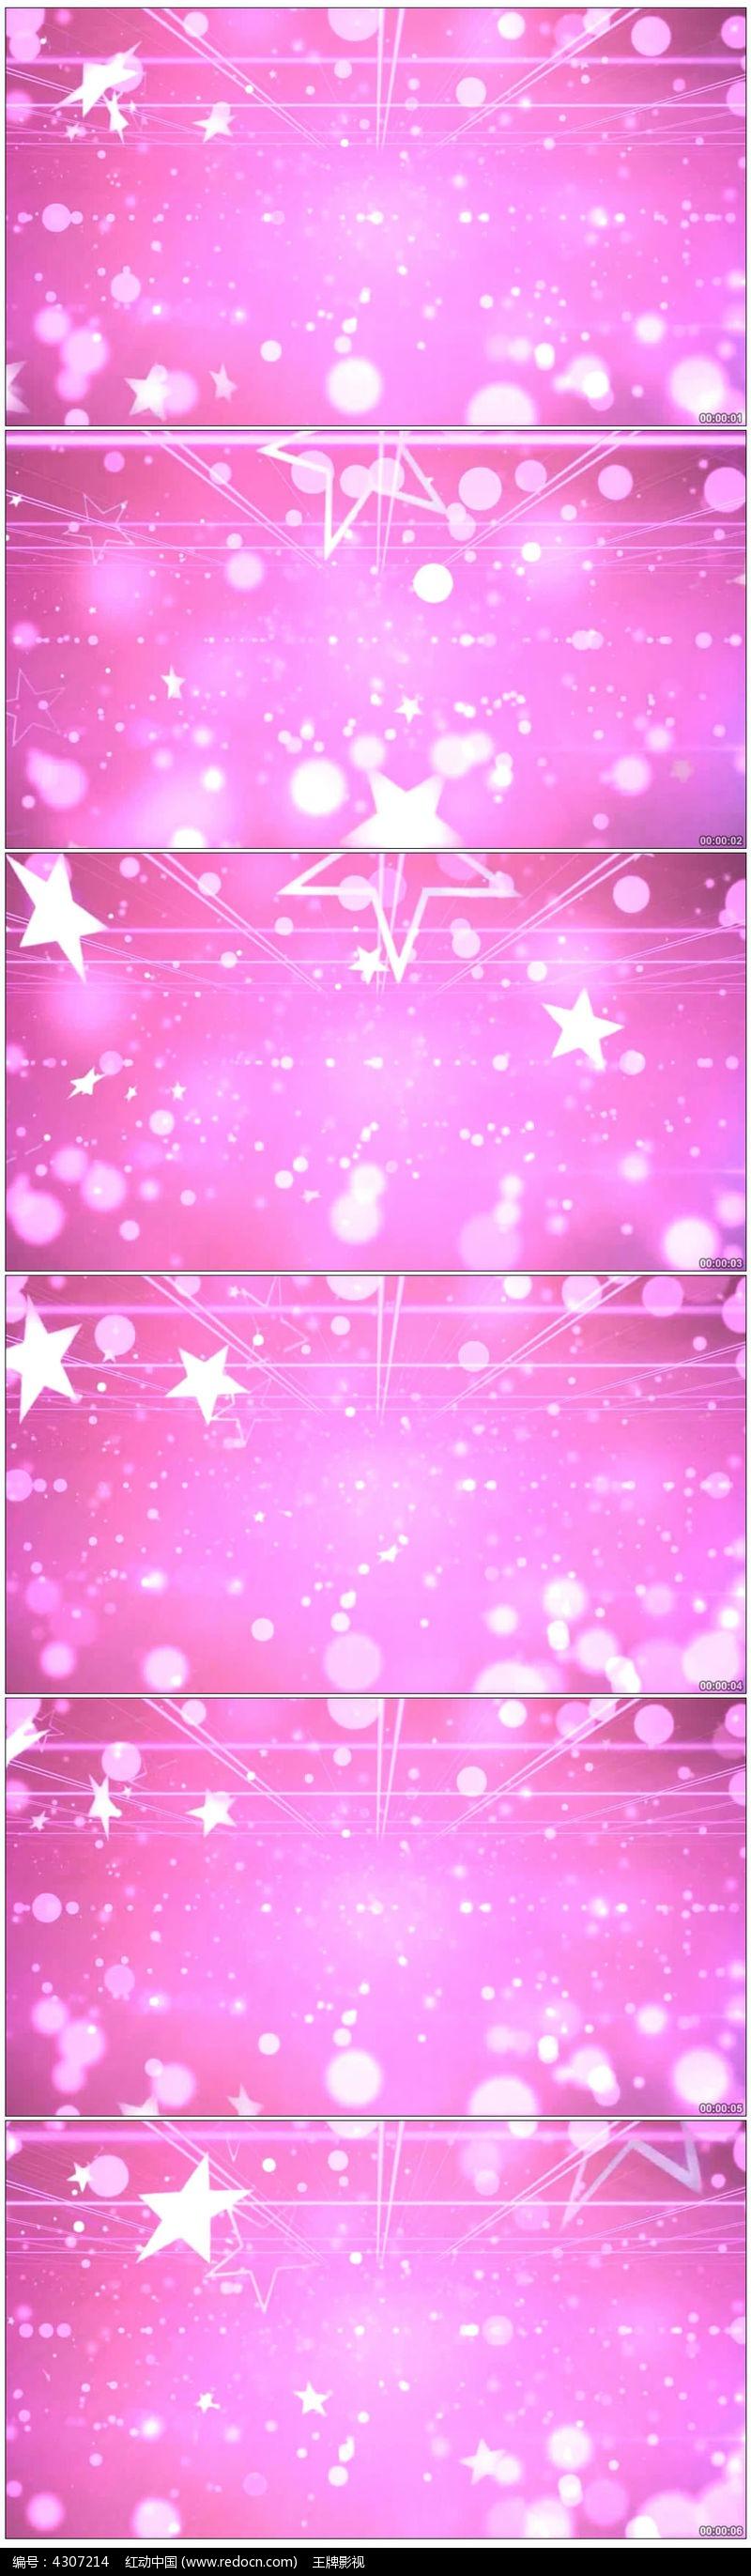 舞台 星星 年会 歌曲背景视频